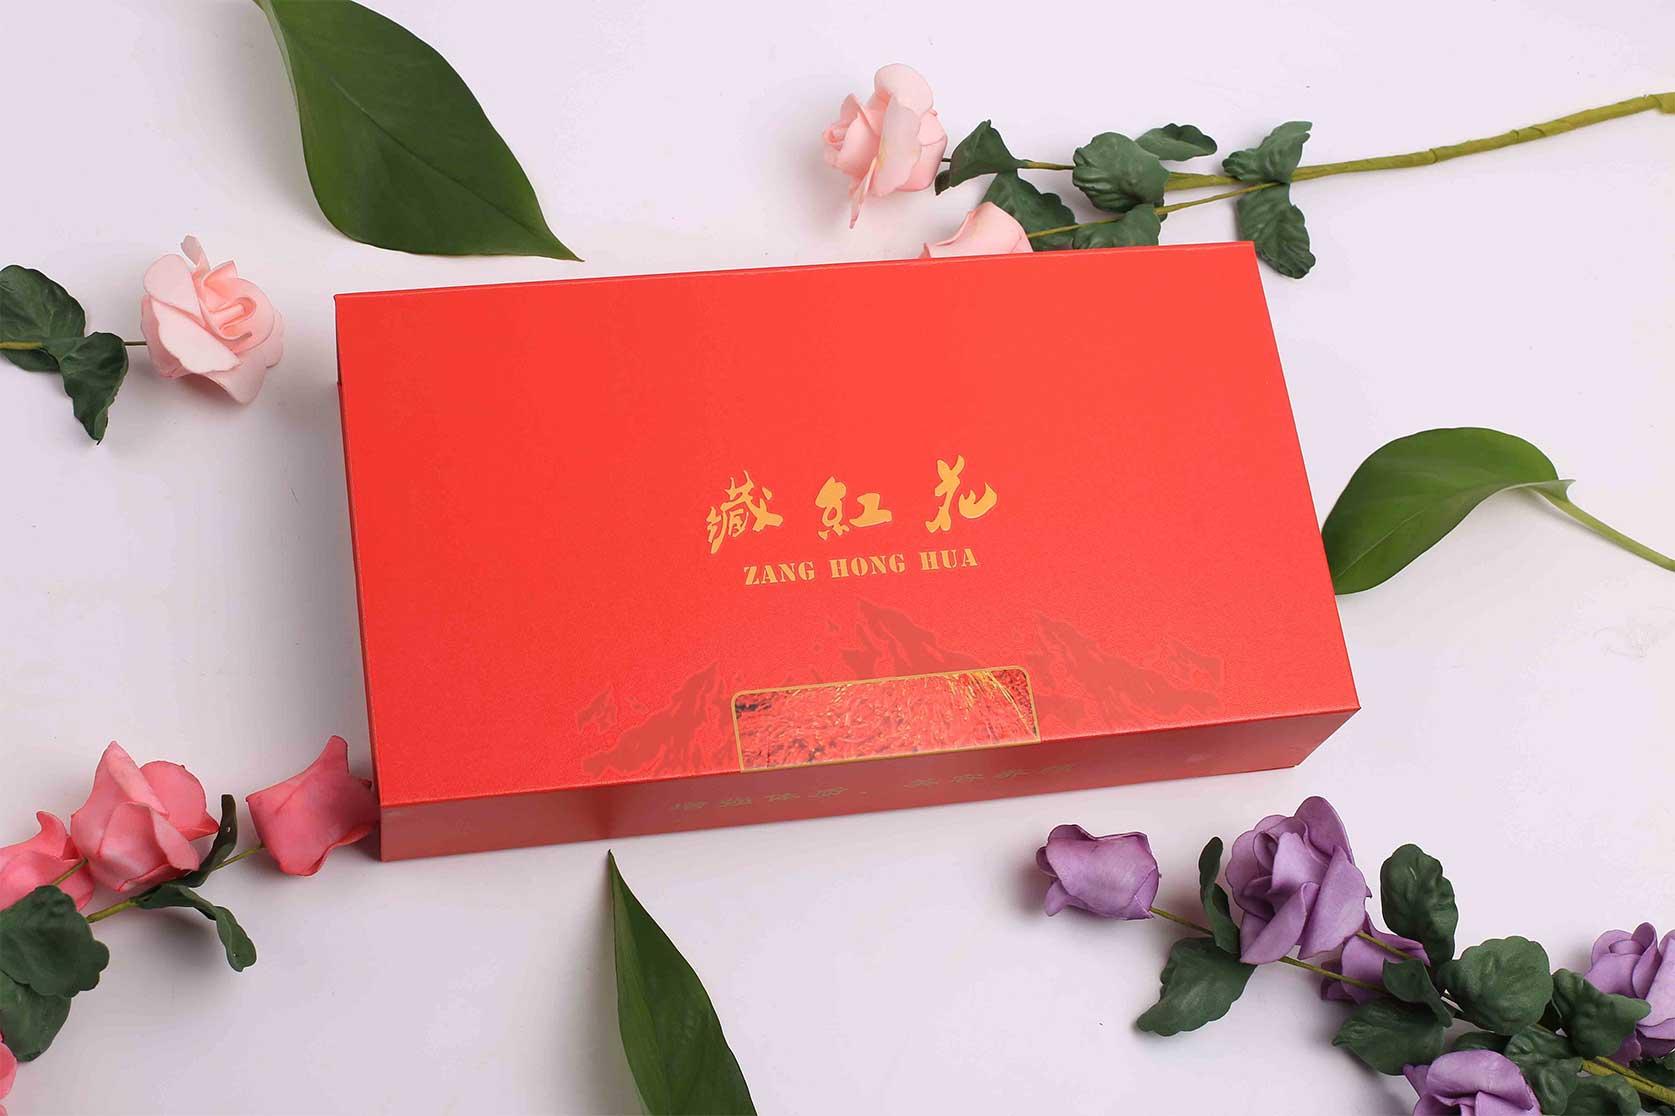 知名的一级藏红花品牌 上海出口一级藏红花